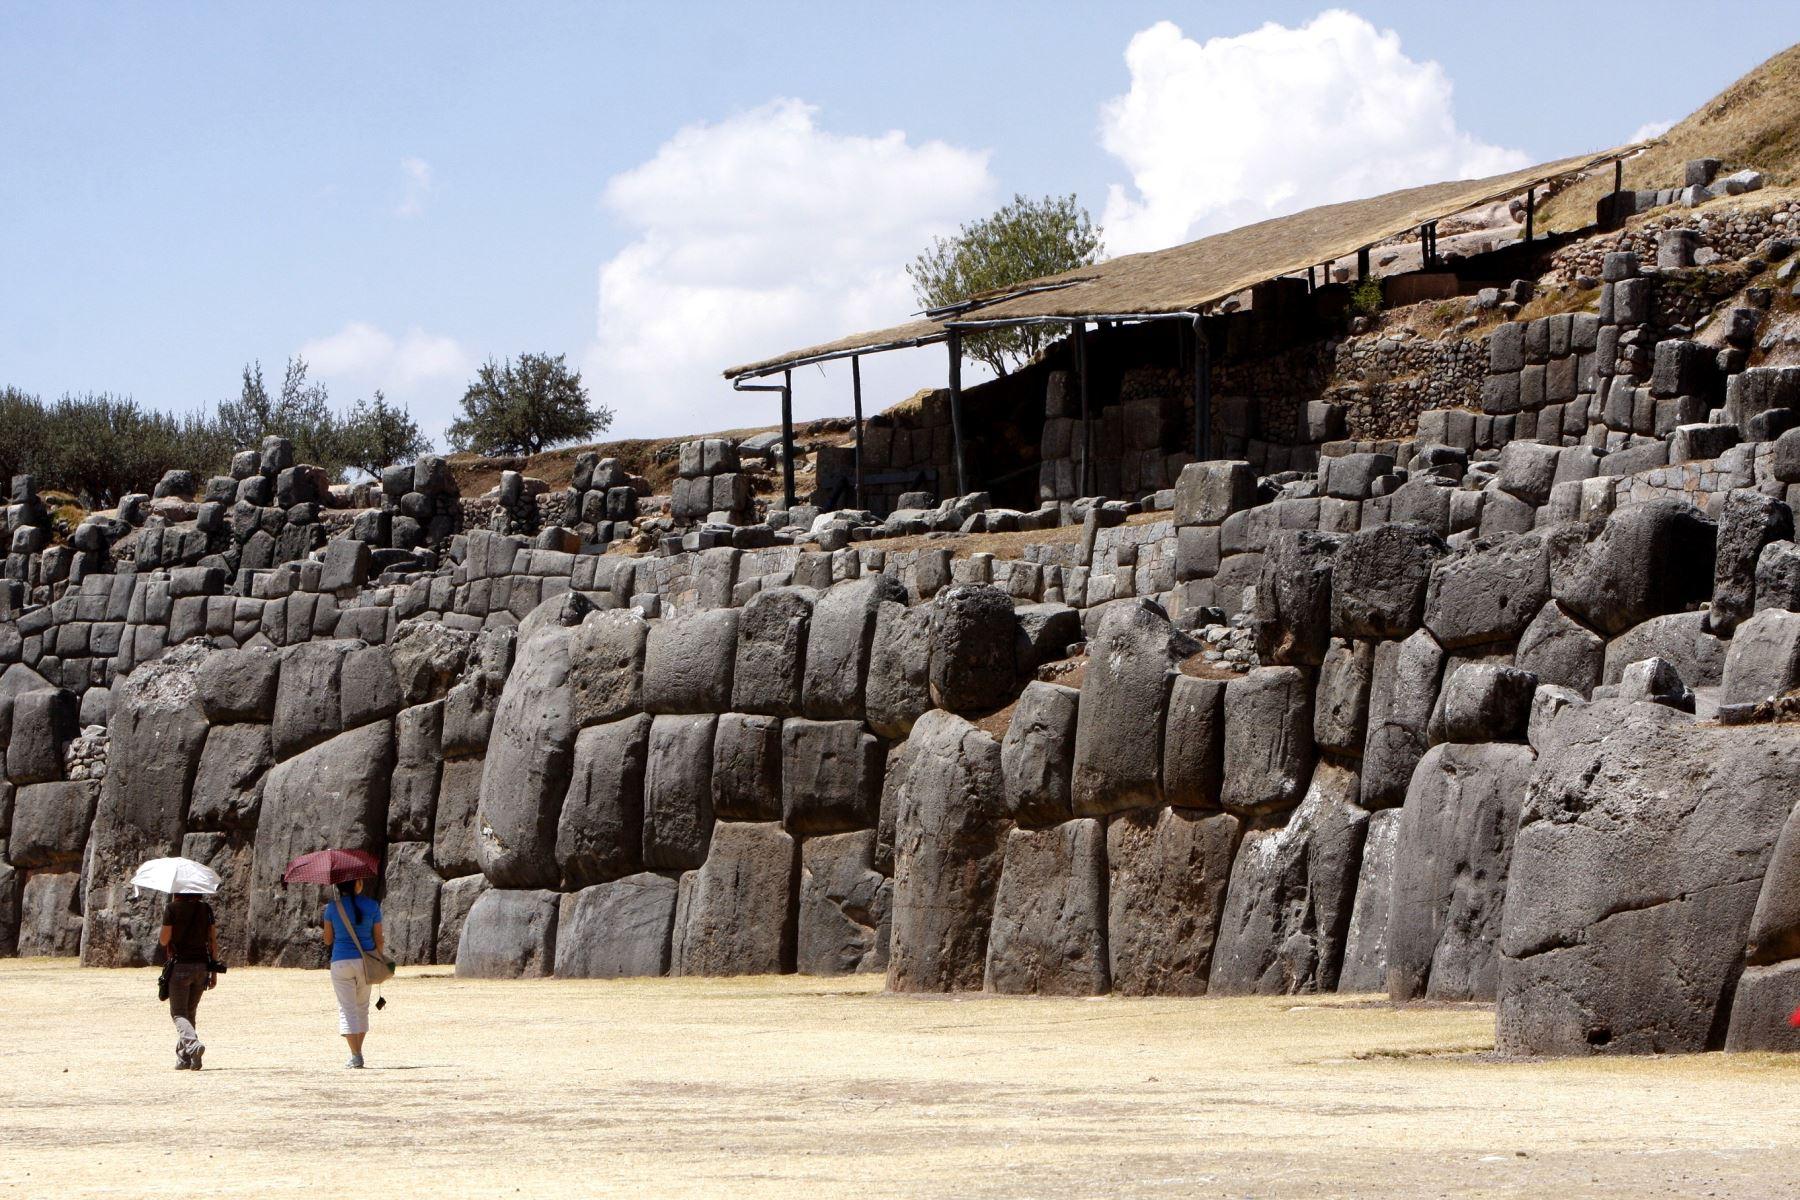 """Según las fuentes etnohistóricas de la colonia, Sacsayhuamán fue consagrada como """"Casa del Sol"""" por el inca Pachacútec, quien inició su construcción. Foto: ANDINA/Percy Hurtado"""